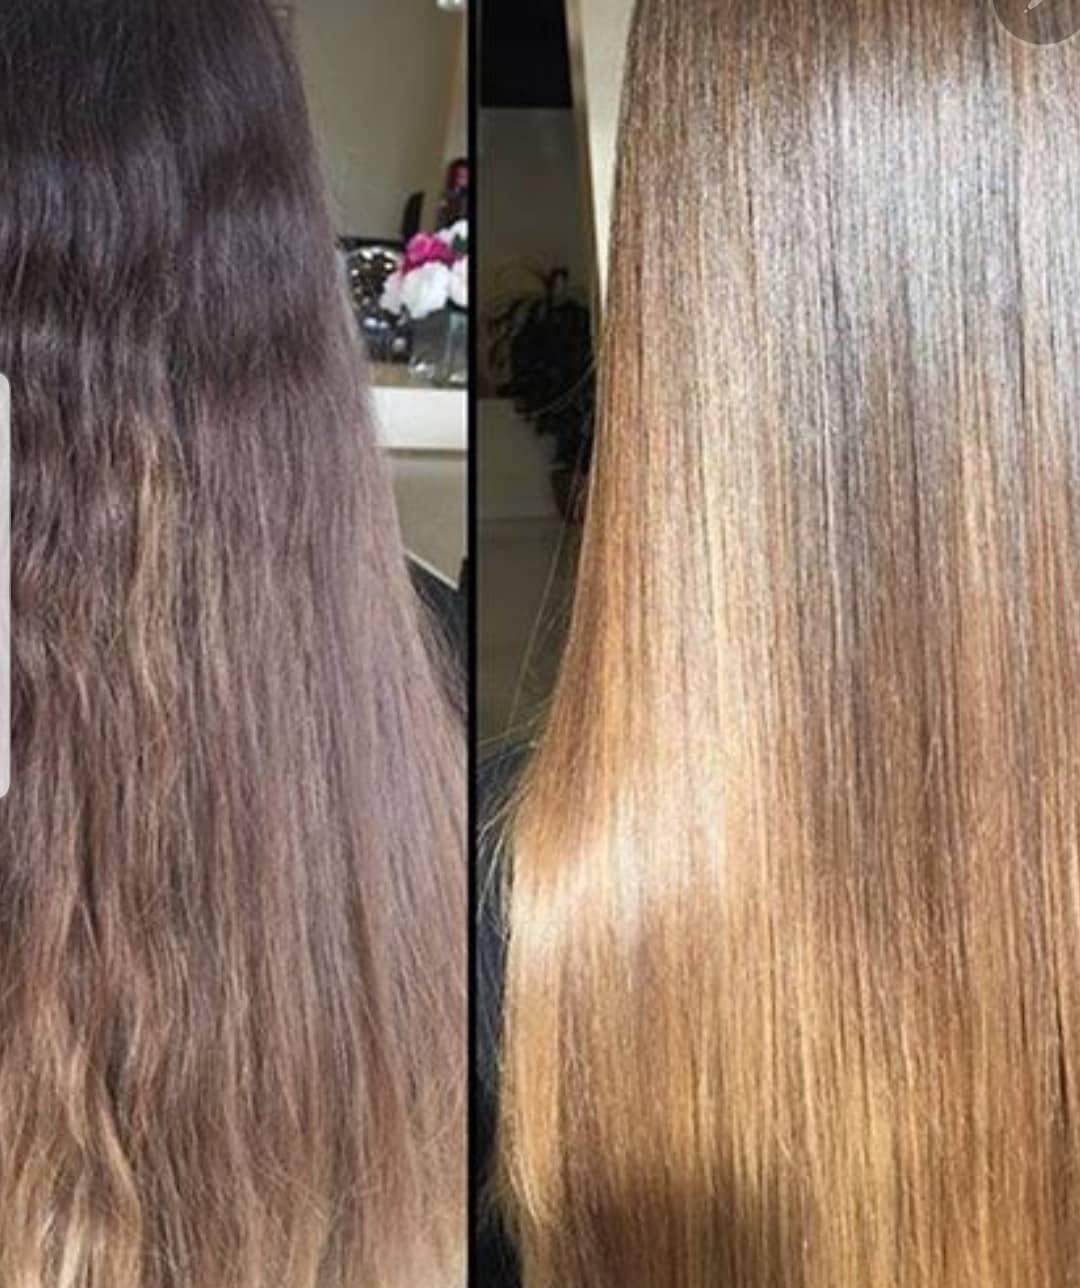 Keratin treatment haircut